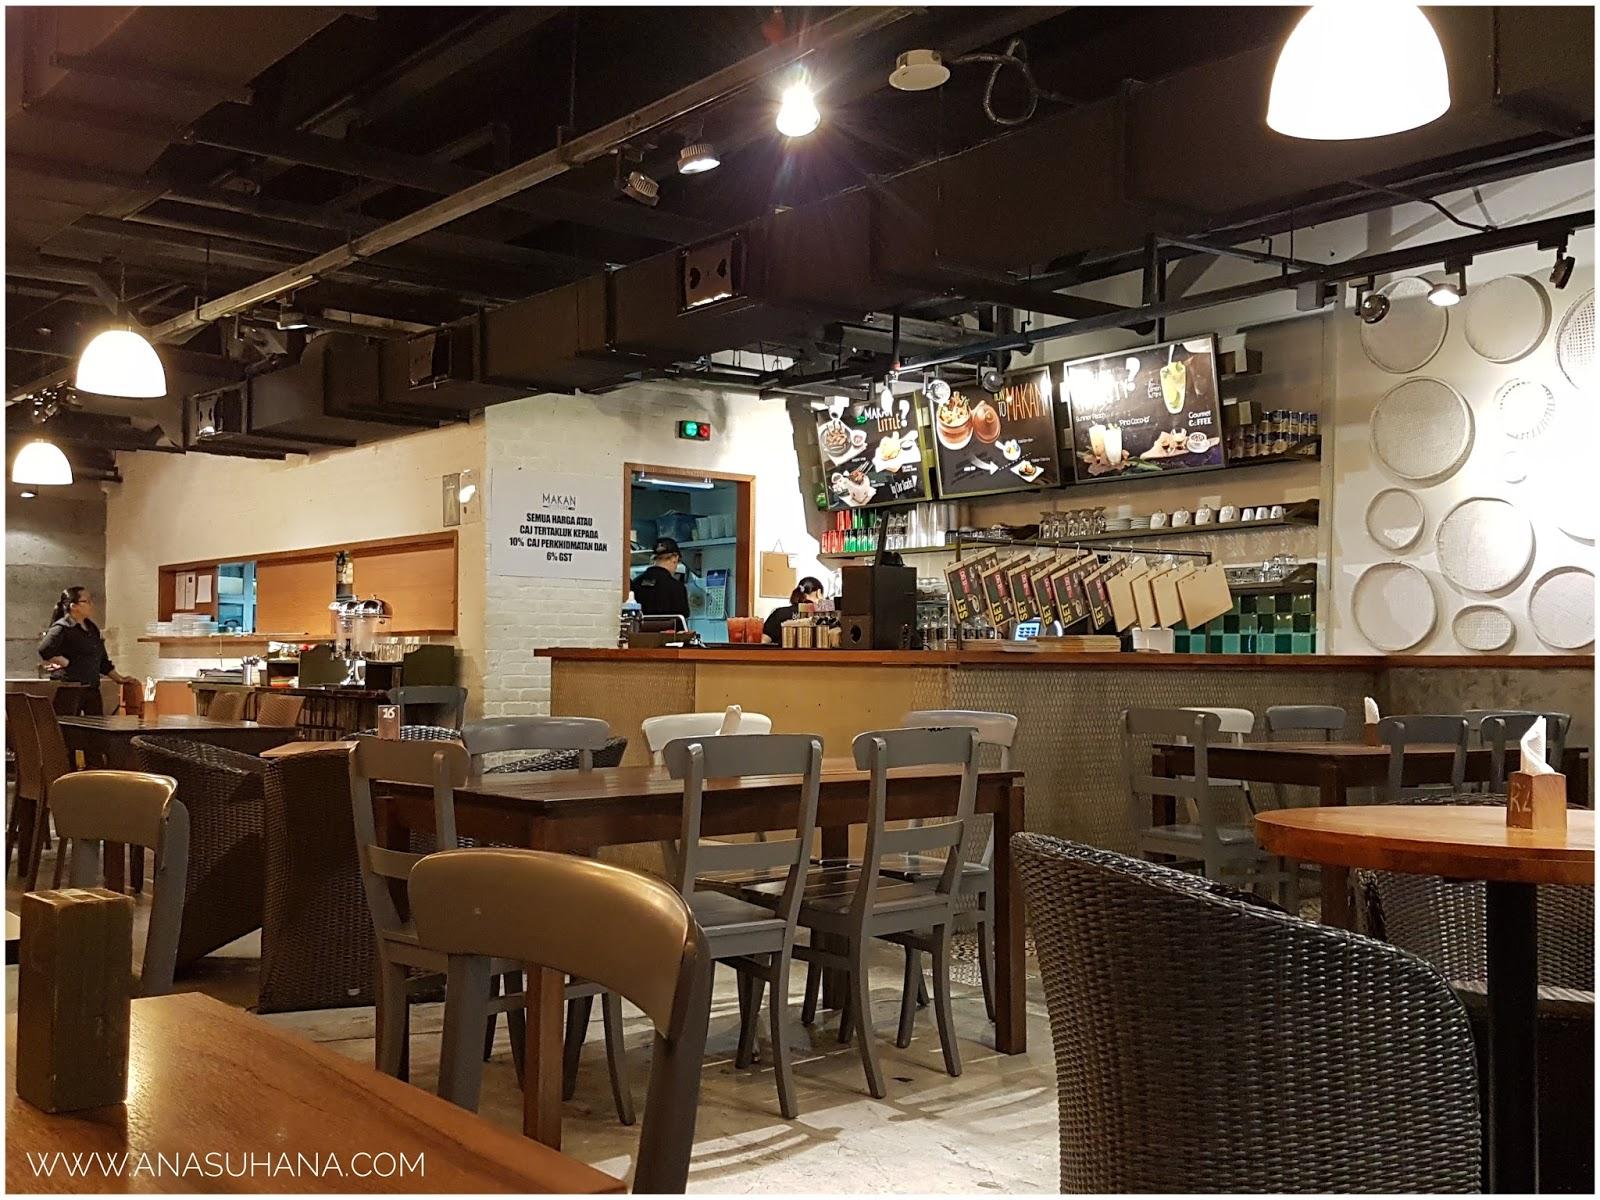 Makan-makan di Makan Culture, Aeon Big Wangsa Maju